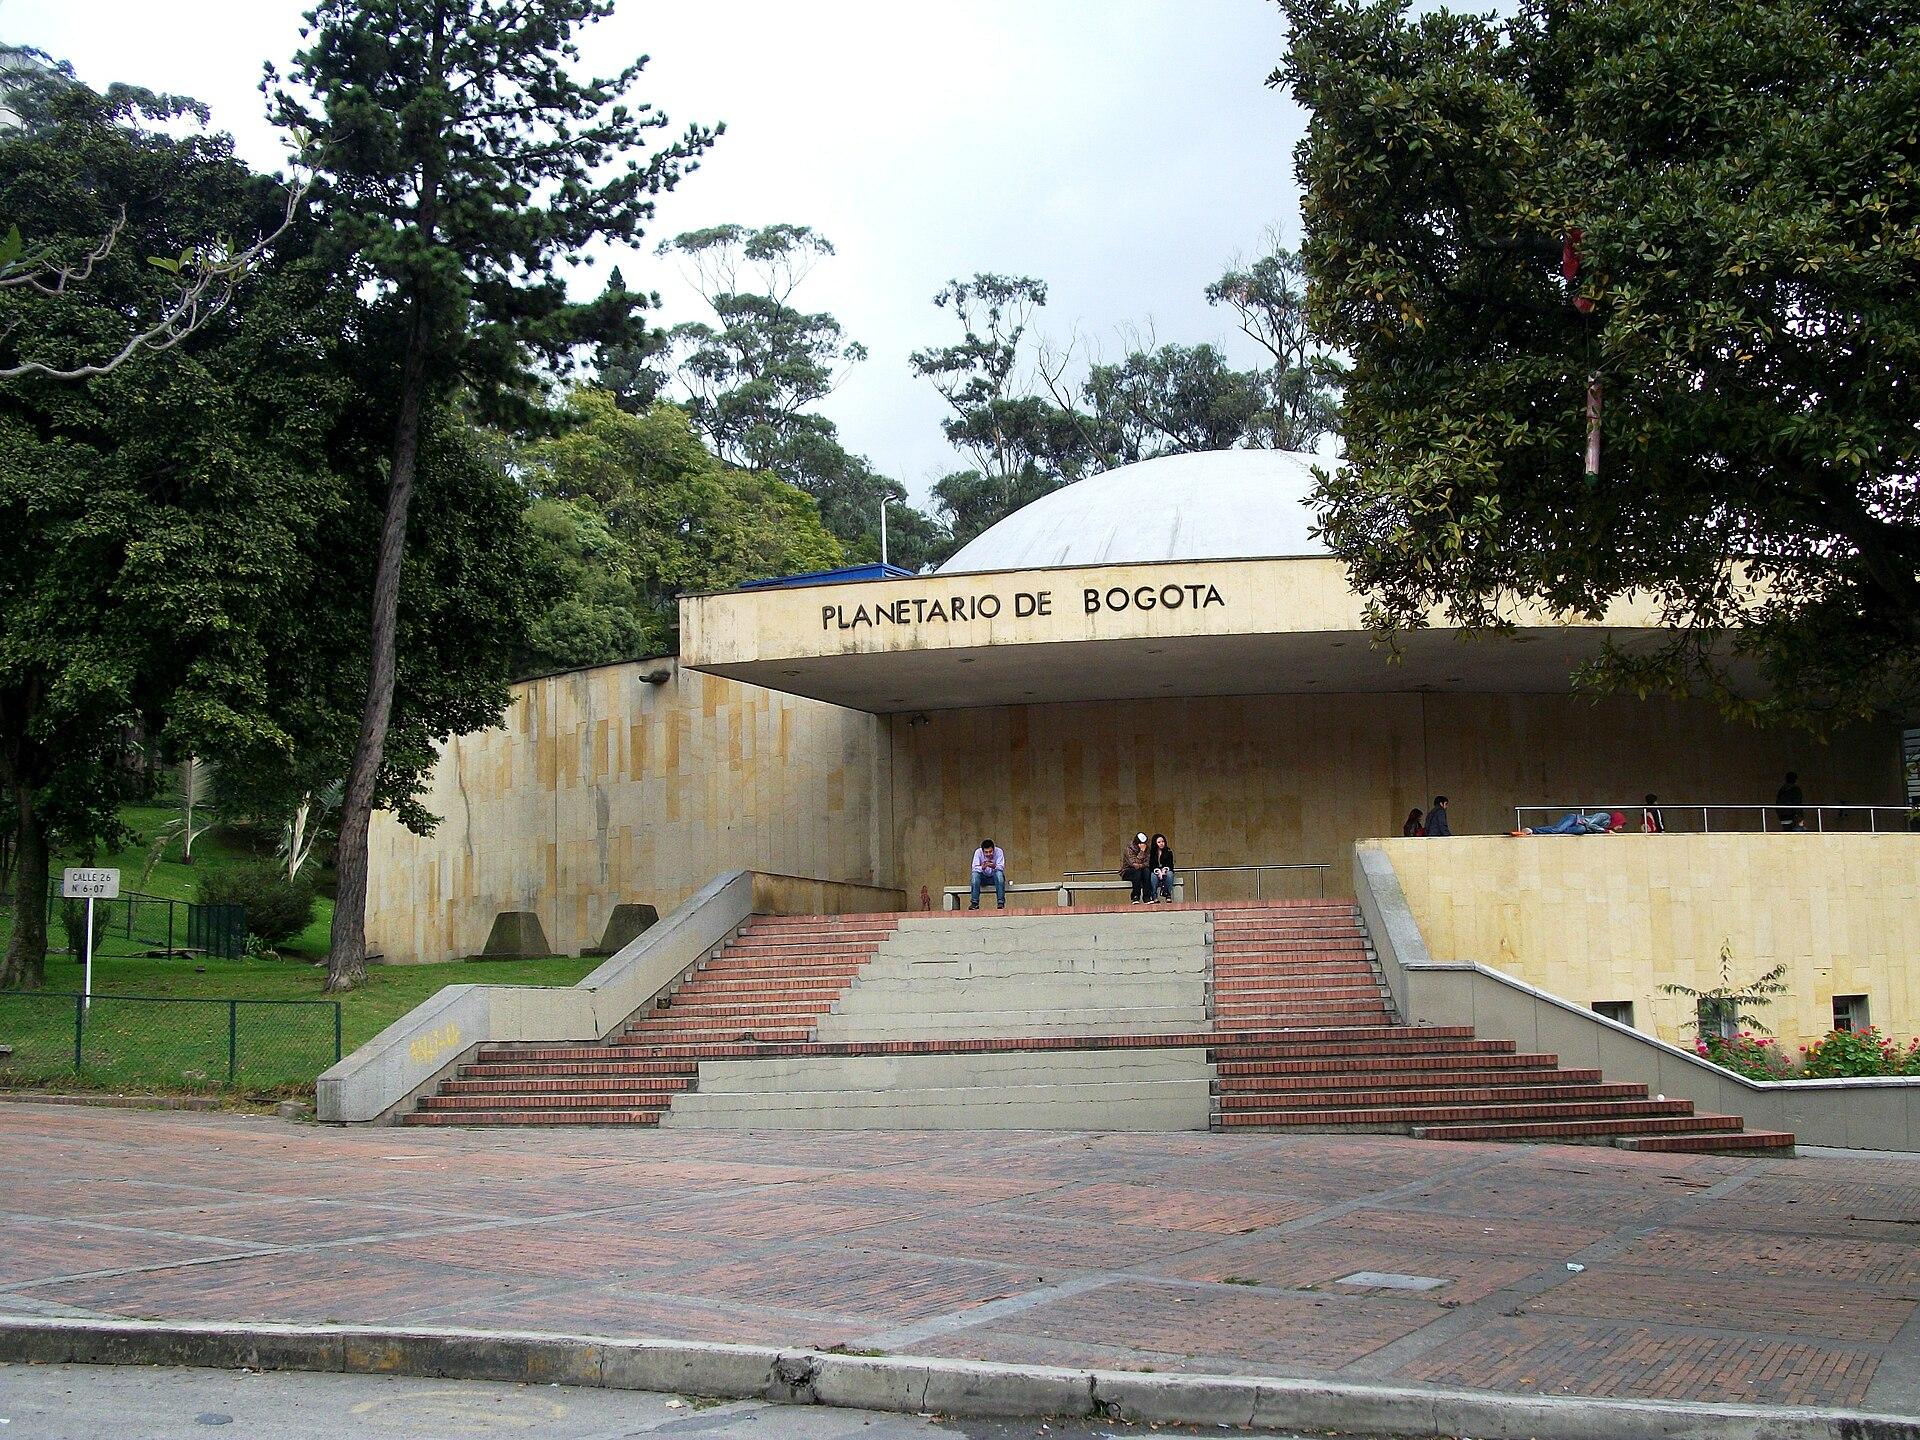 Planetario de Bogot  Wikipedia la enciclopedia libre